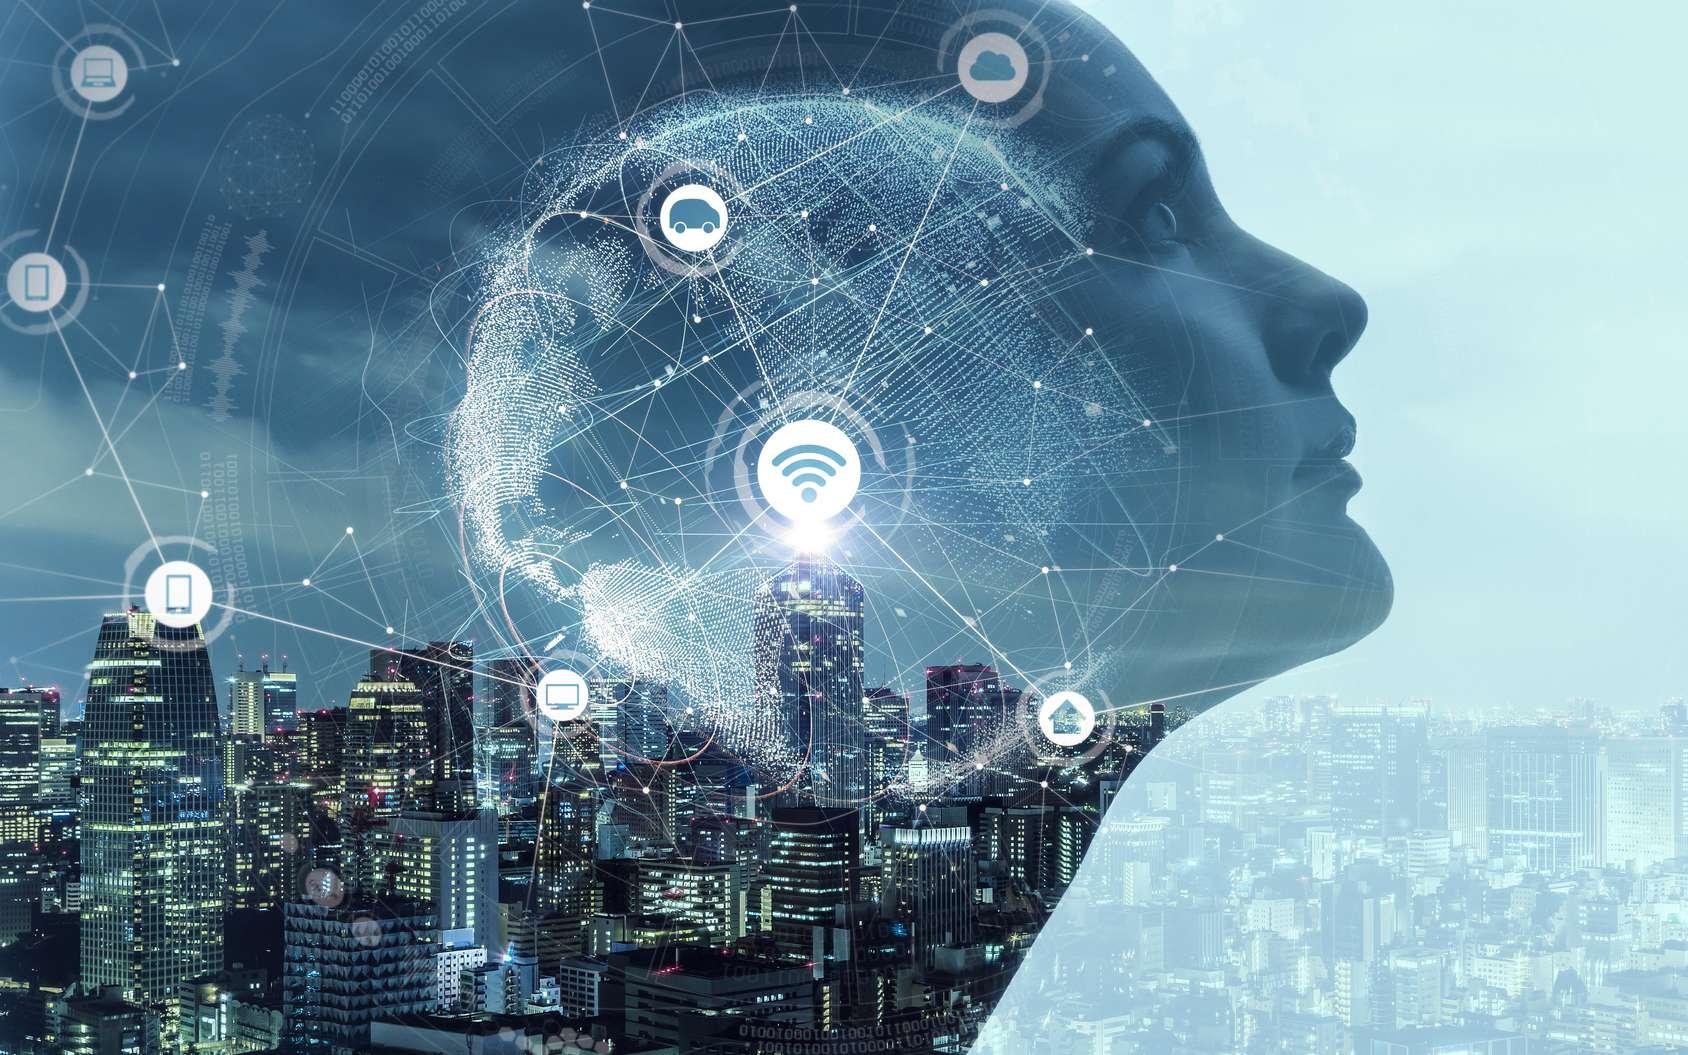 迎接数字文明新时代,中国电信提速大数据应用创新